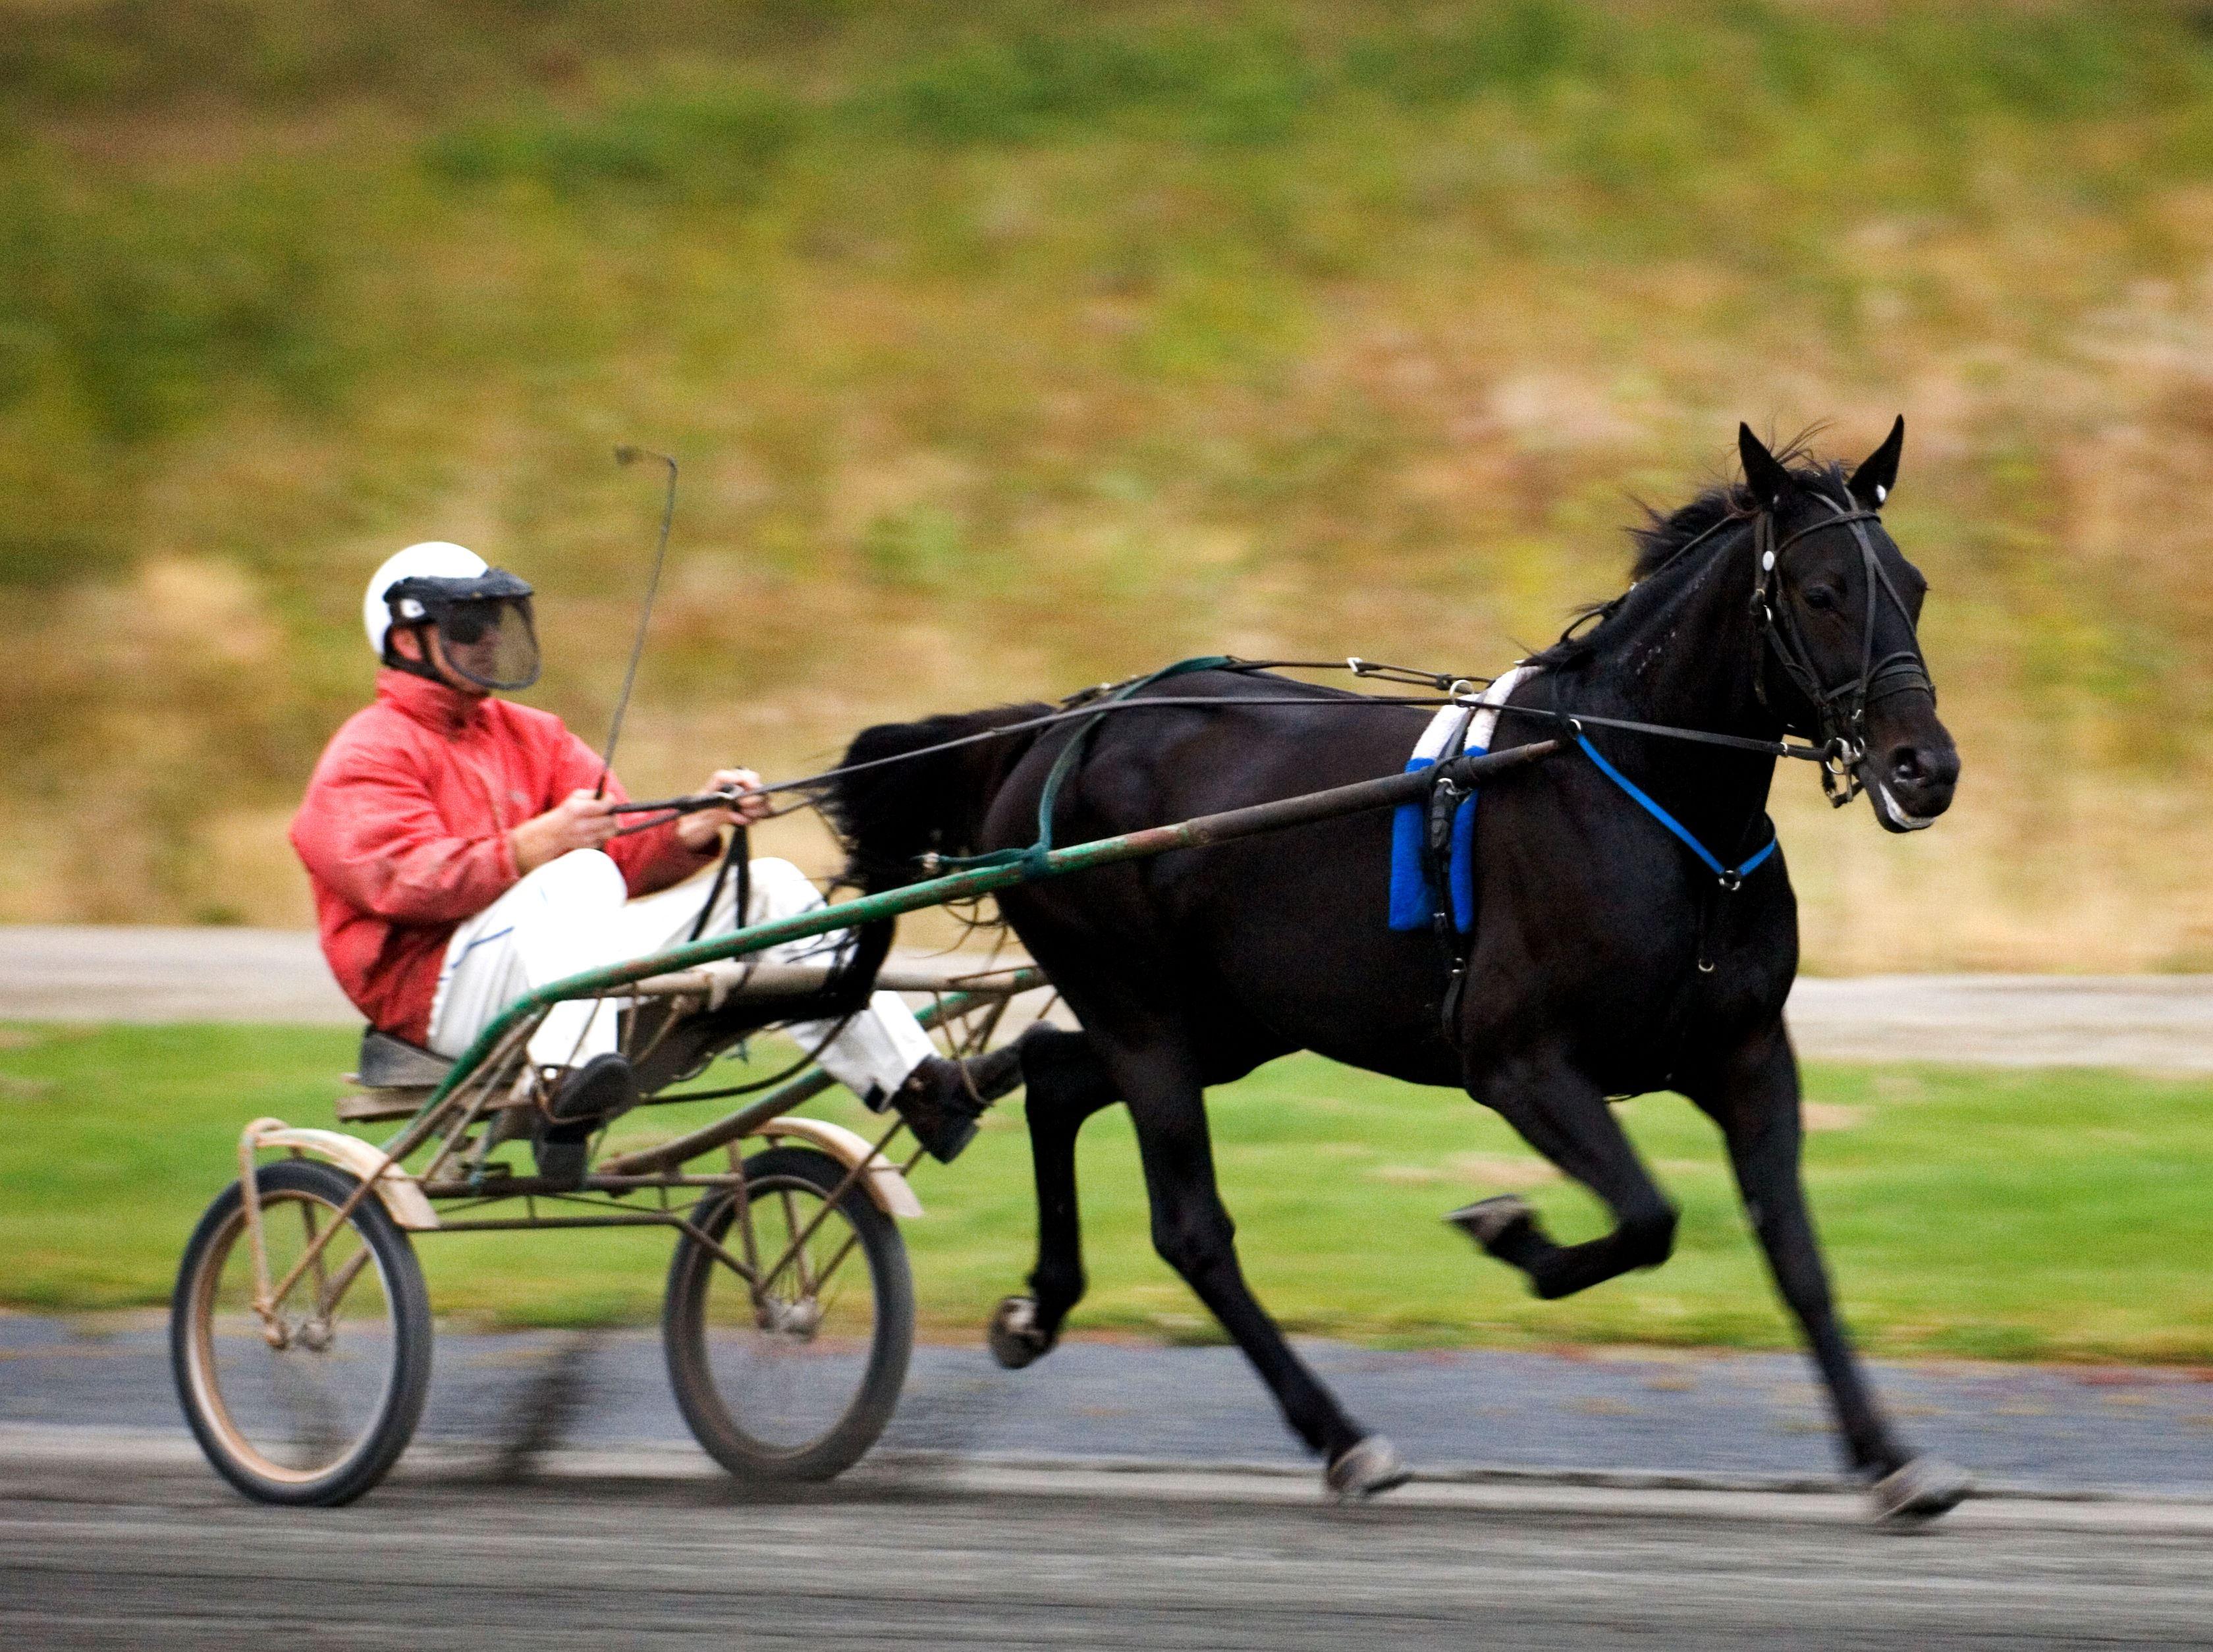 Johan Wingborg,  © Tingsryds Kommun, Travhäst